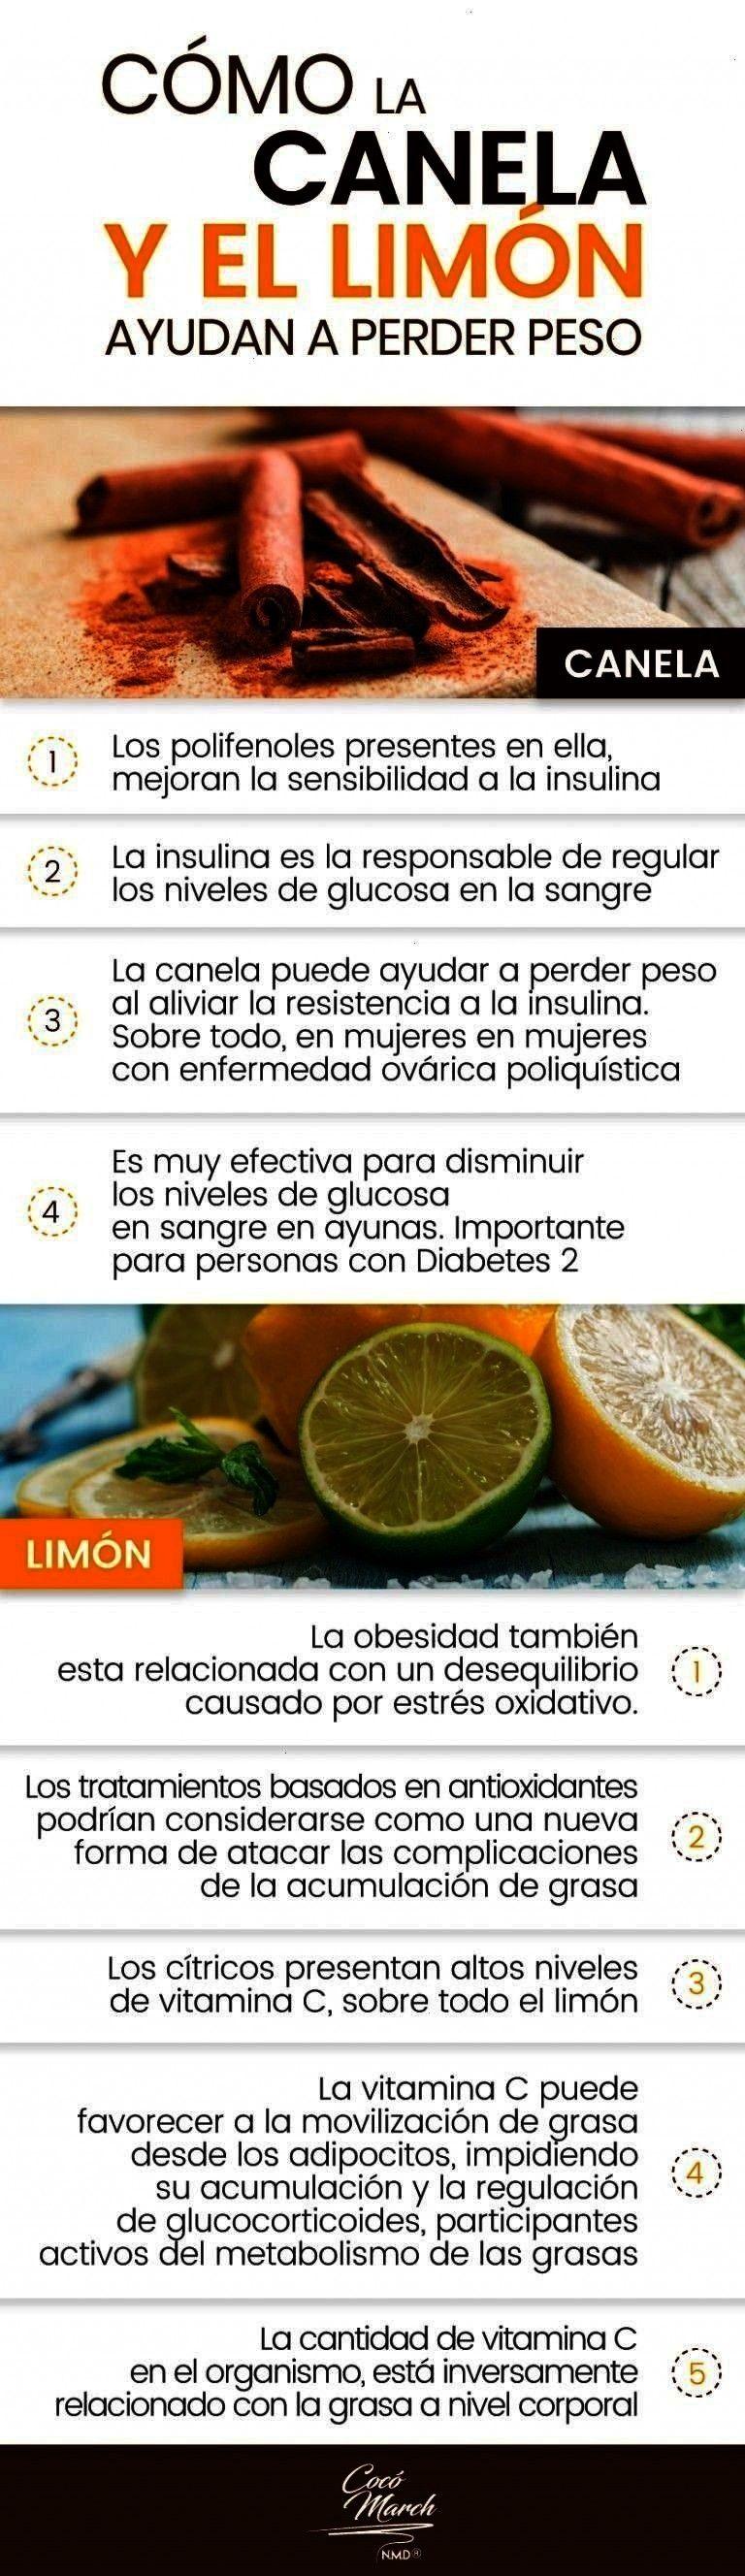 Canela Y Limón Para Adelgazar  Cómo Preparar Té de Canela Y Limón Para Adelgazar Welcome for you to the website in this particular moment Ill...